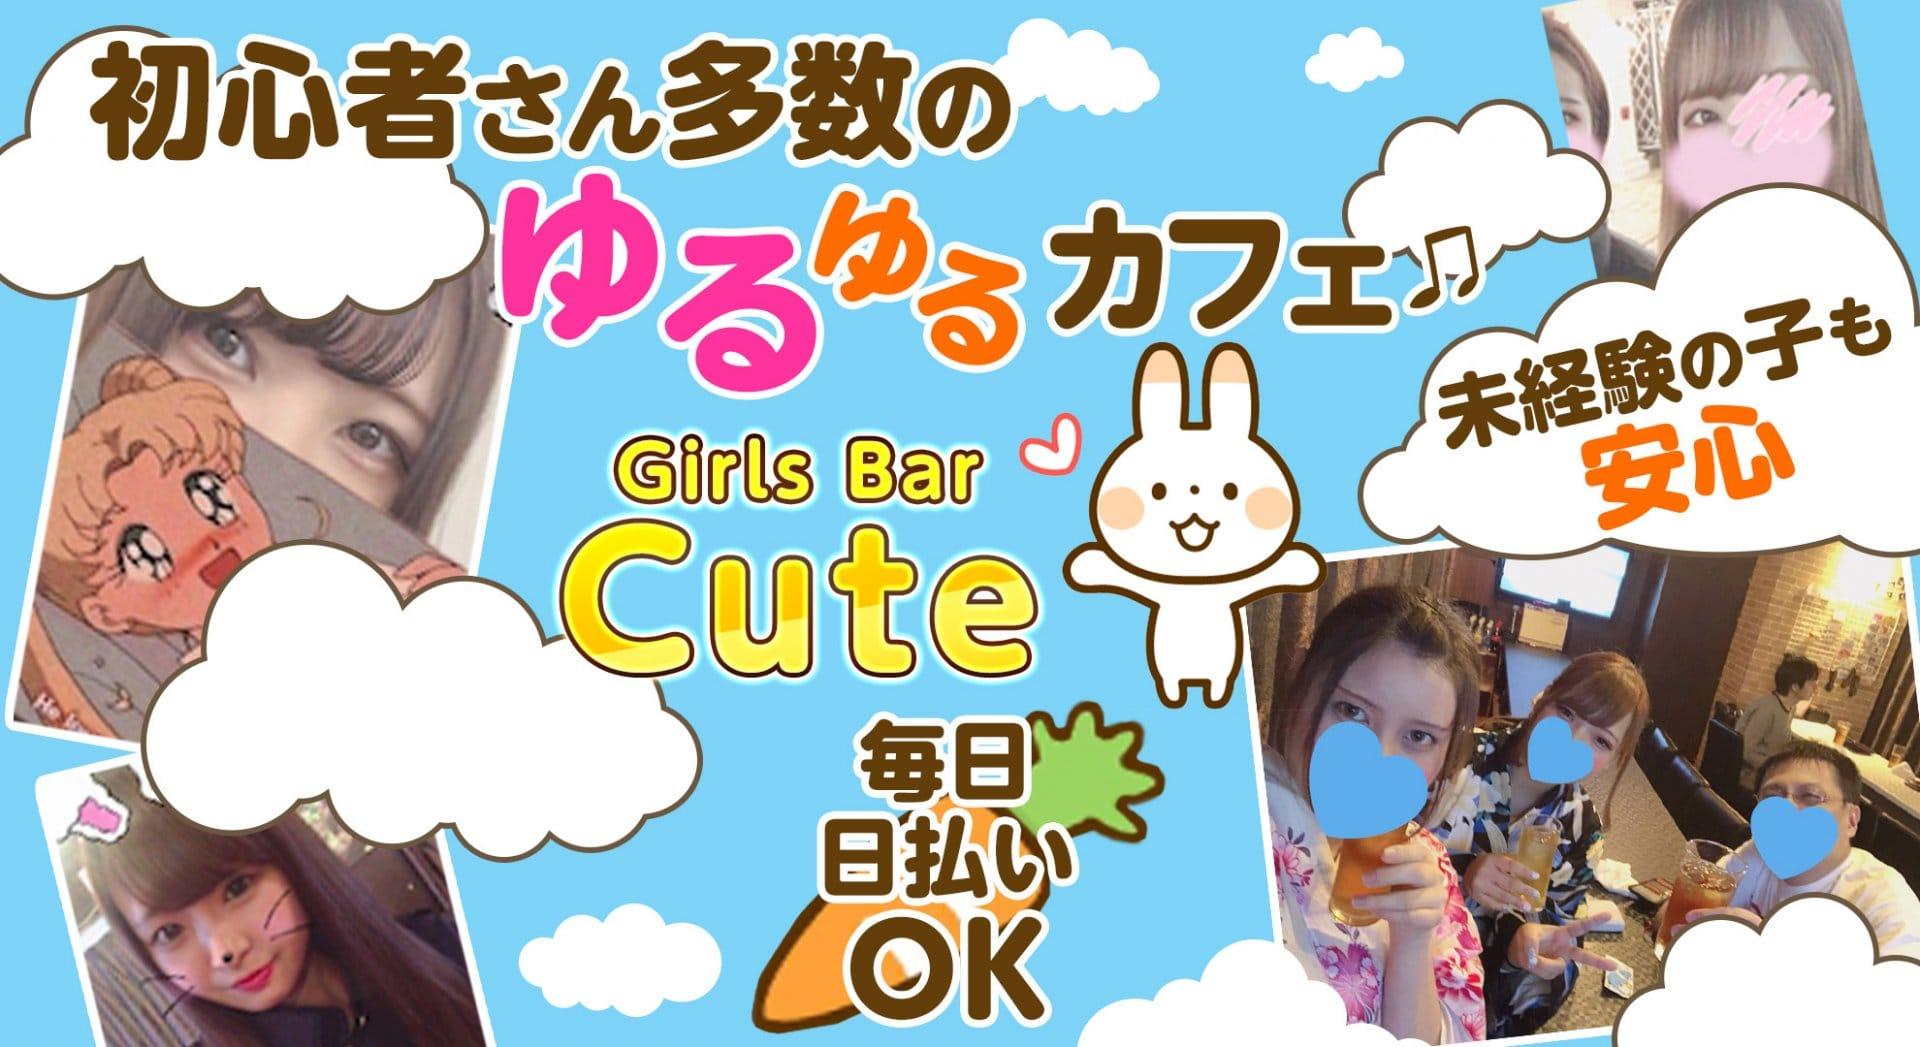 【関内】Girls Bar Cute(キュート) 関内ガールズバー TOP画像